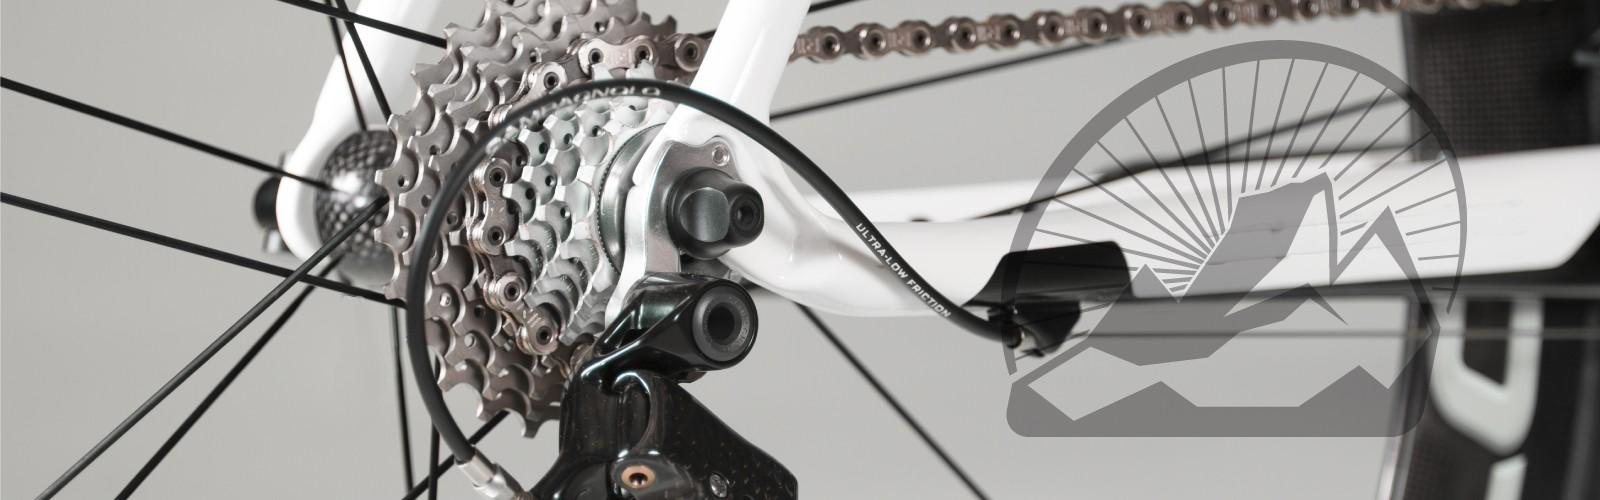 Prada Tours Cycling Holidays Vacaciones para Ciclistas